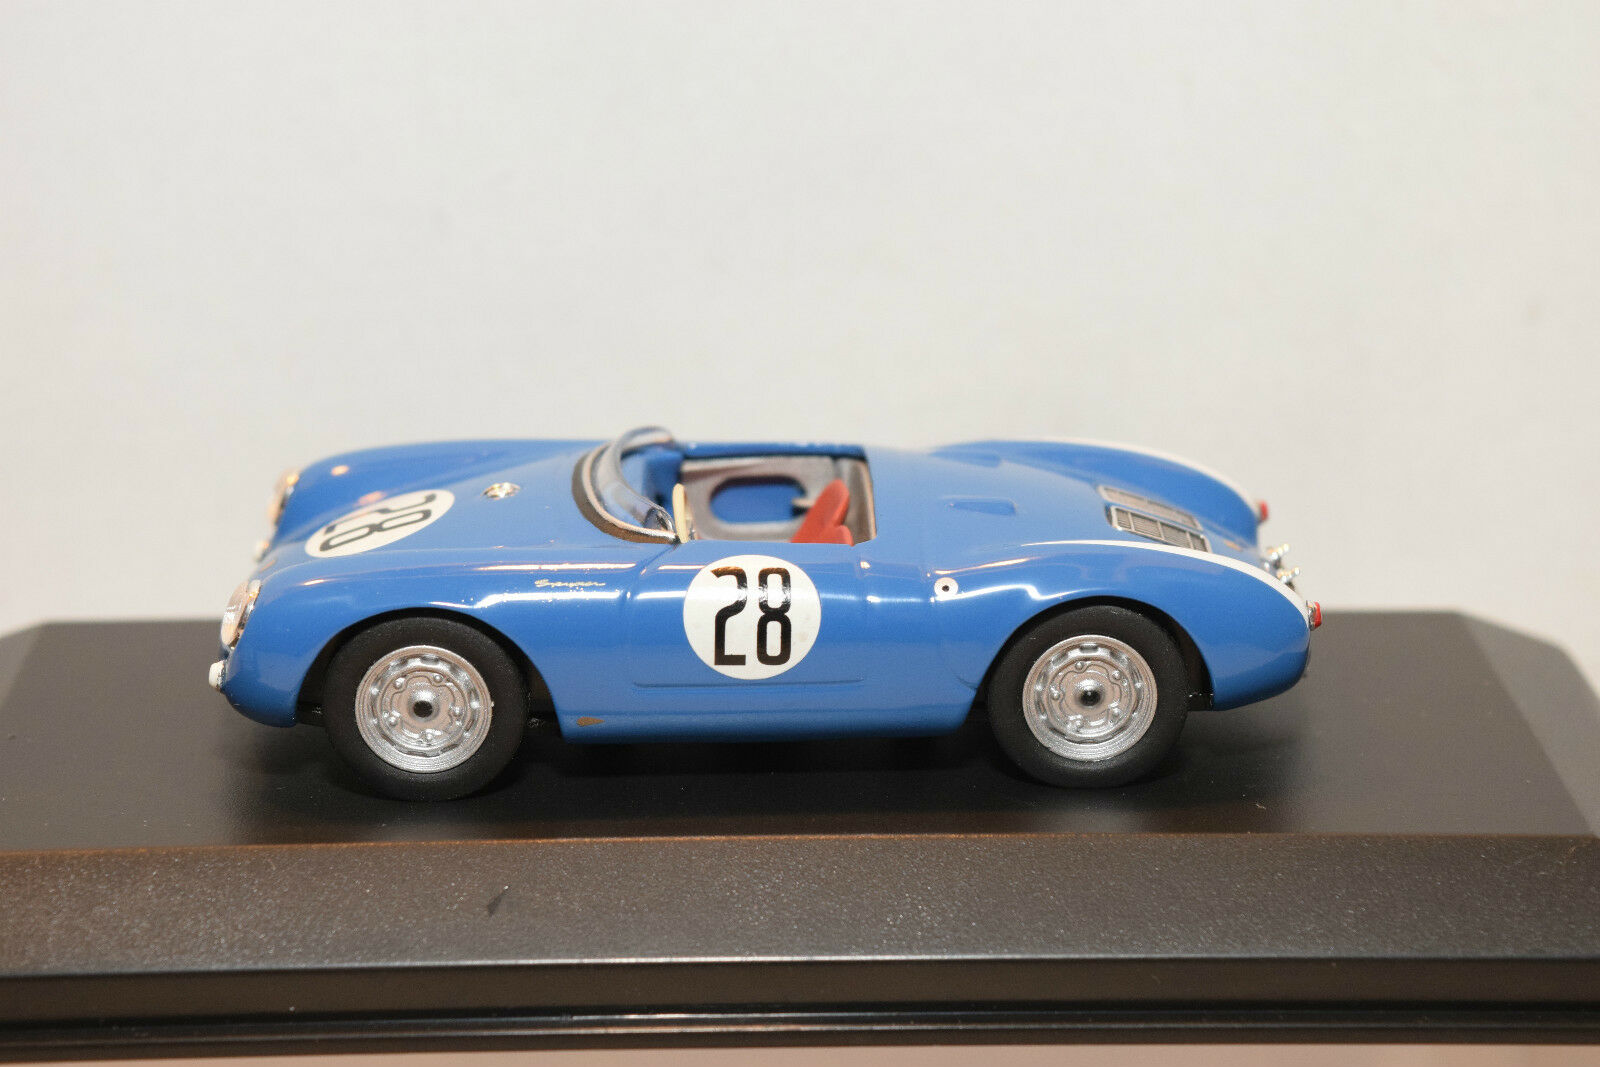 . MINICHAMPS PORSCHE 550 A 550A 550A 550A LE MANS 1956 STOREZ POLENSKY MINT BOXED cd9d73